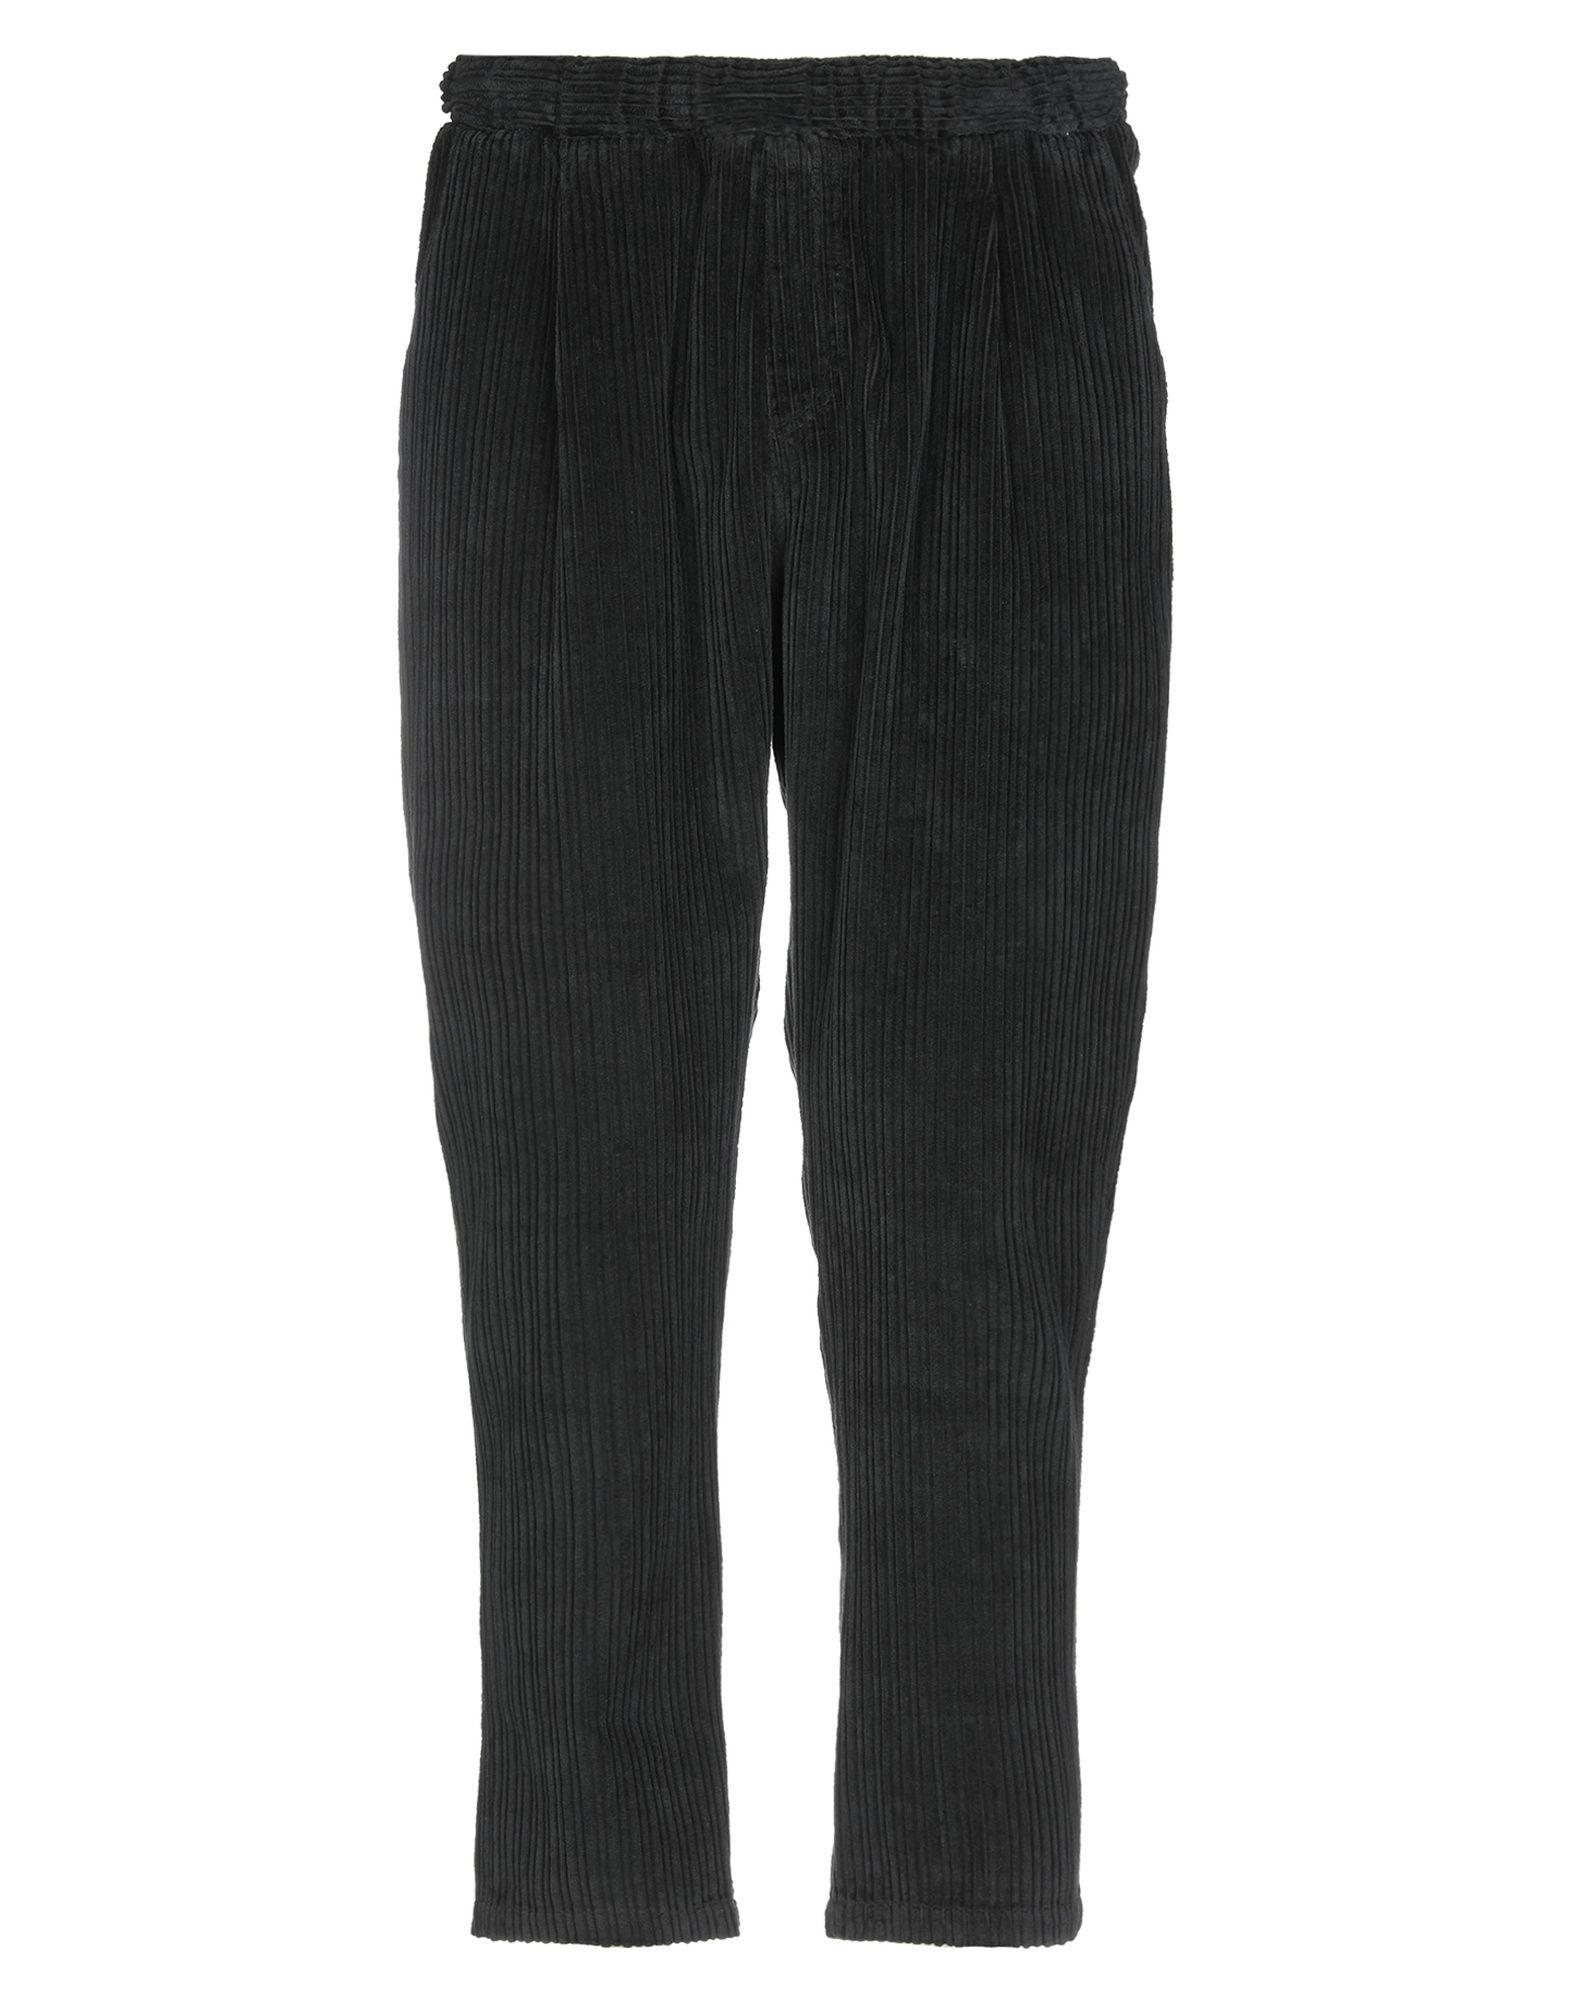 《送料無料》THE KINGLESS COLLECTIVE メンズ パンツ ブラック L 100% コットン